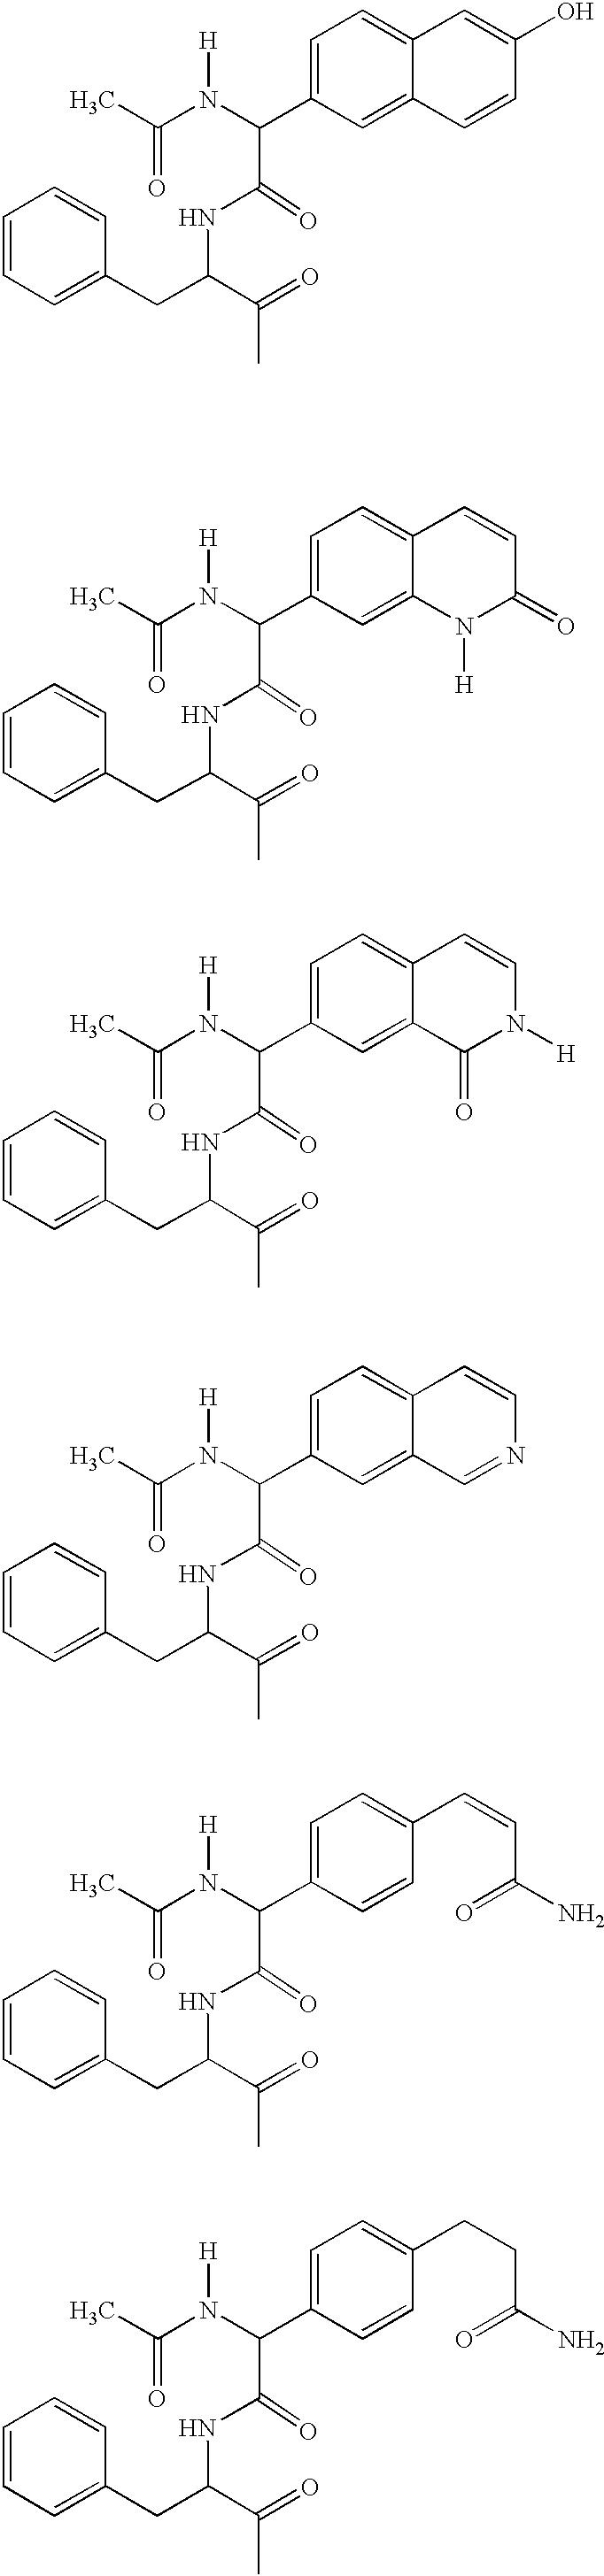 Figure US06911447-20050628-C00031